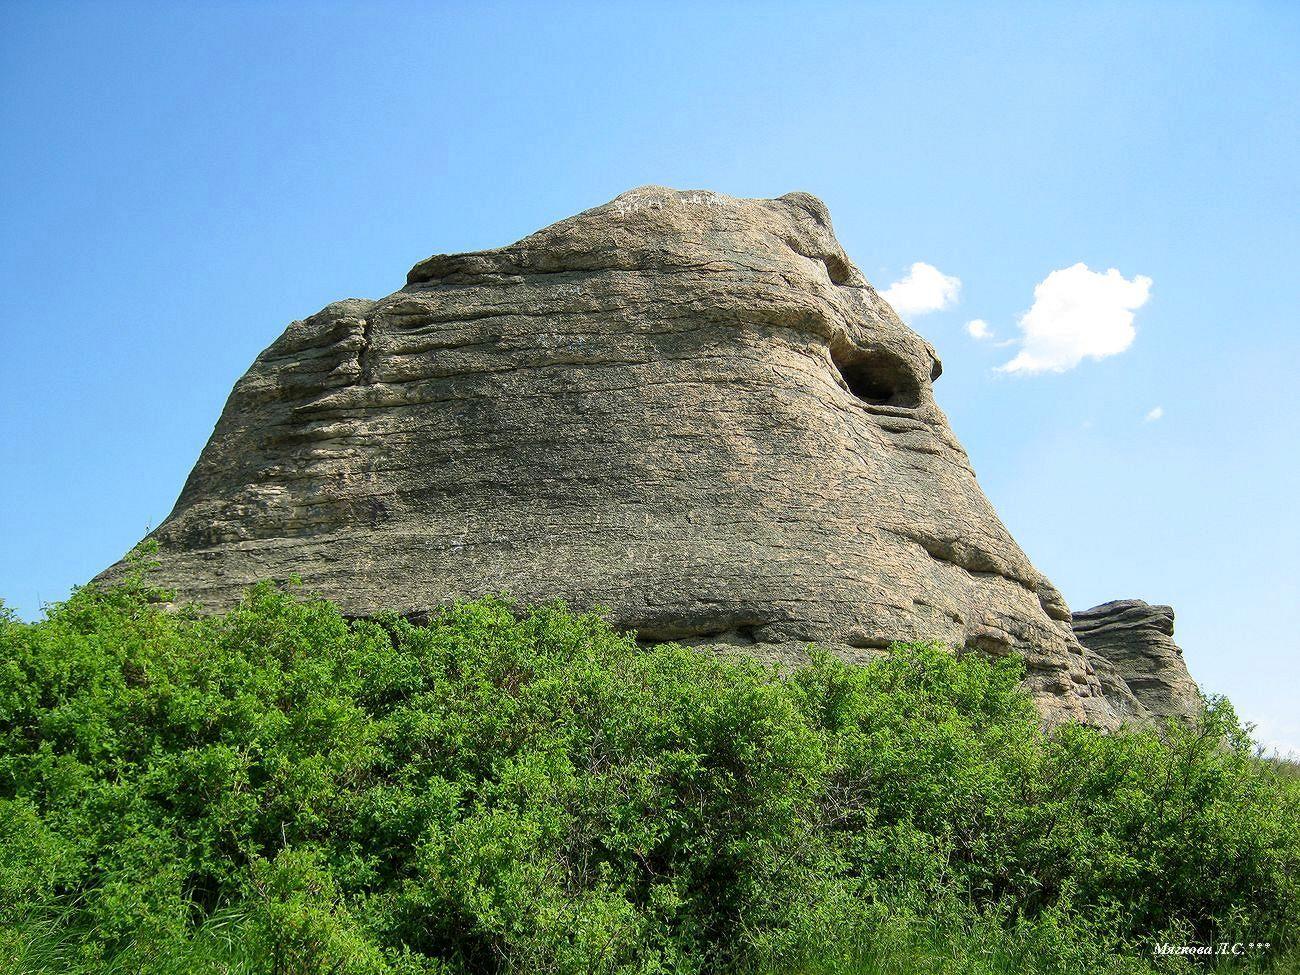 000 камень голова.jpg